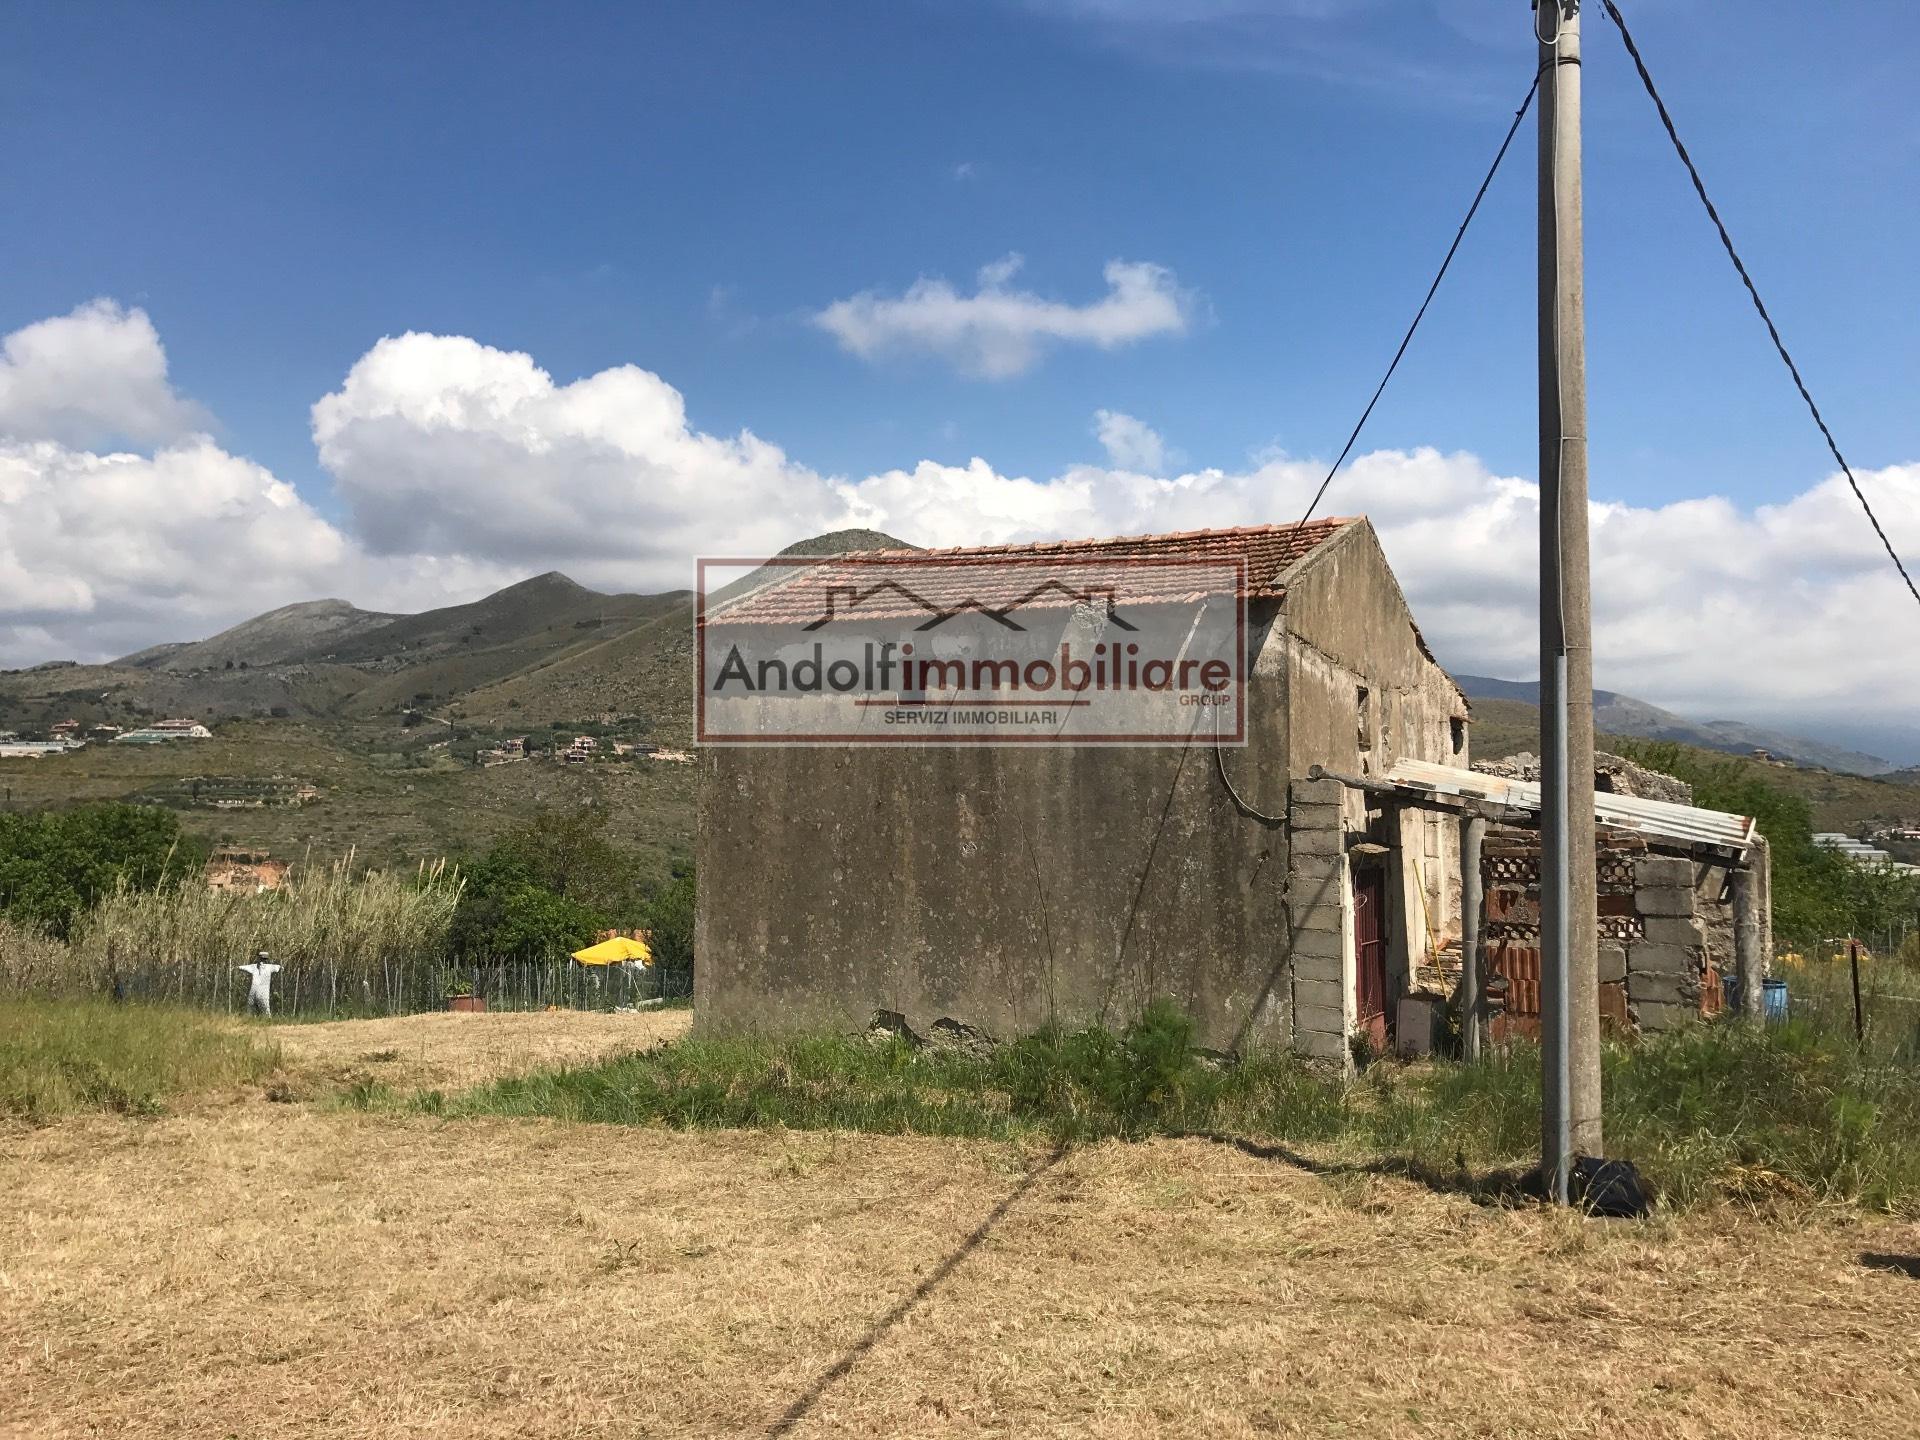 Soluzione Indipendente in vendita a Gaeta, 3 locali, prezzo € 180.000 | CambioCasa.it